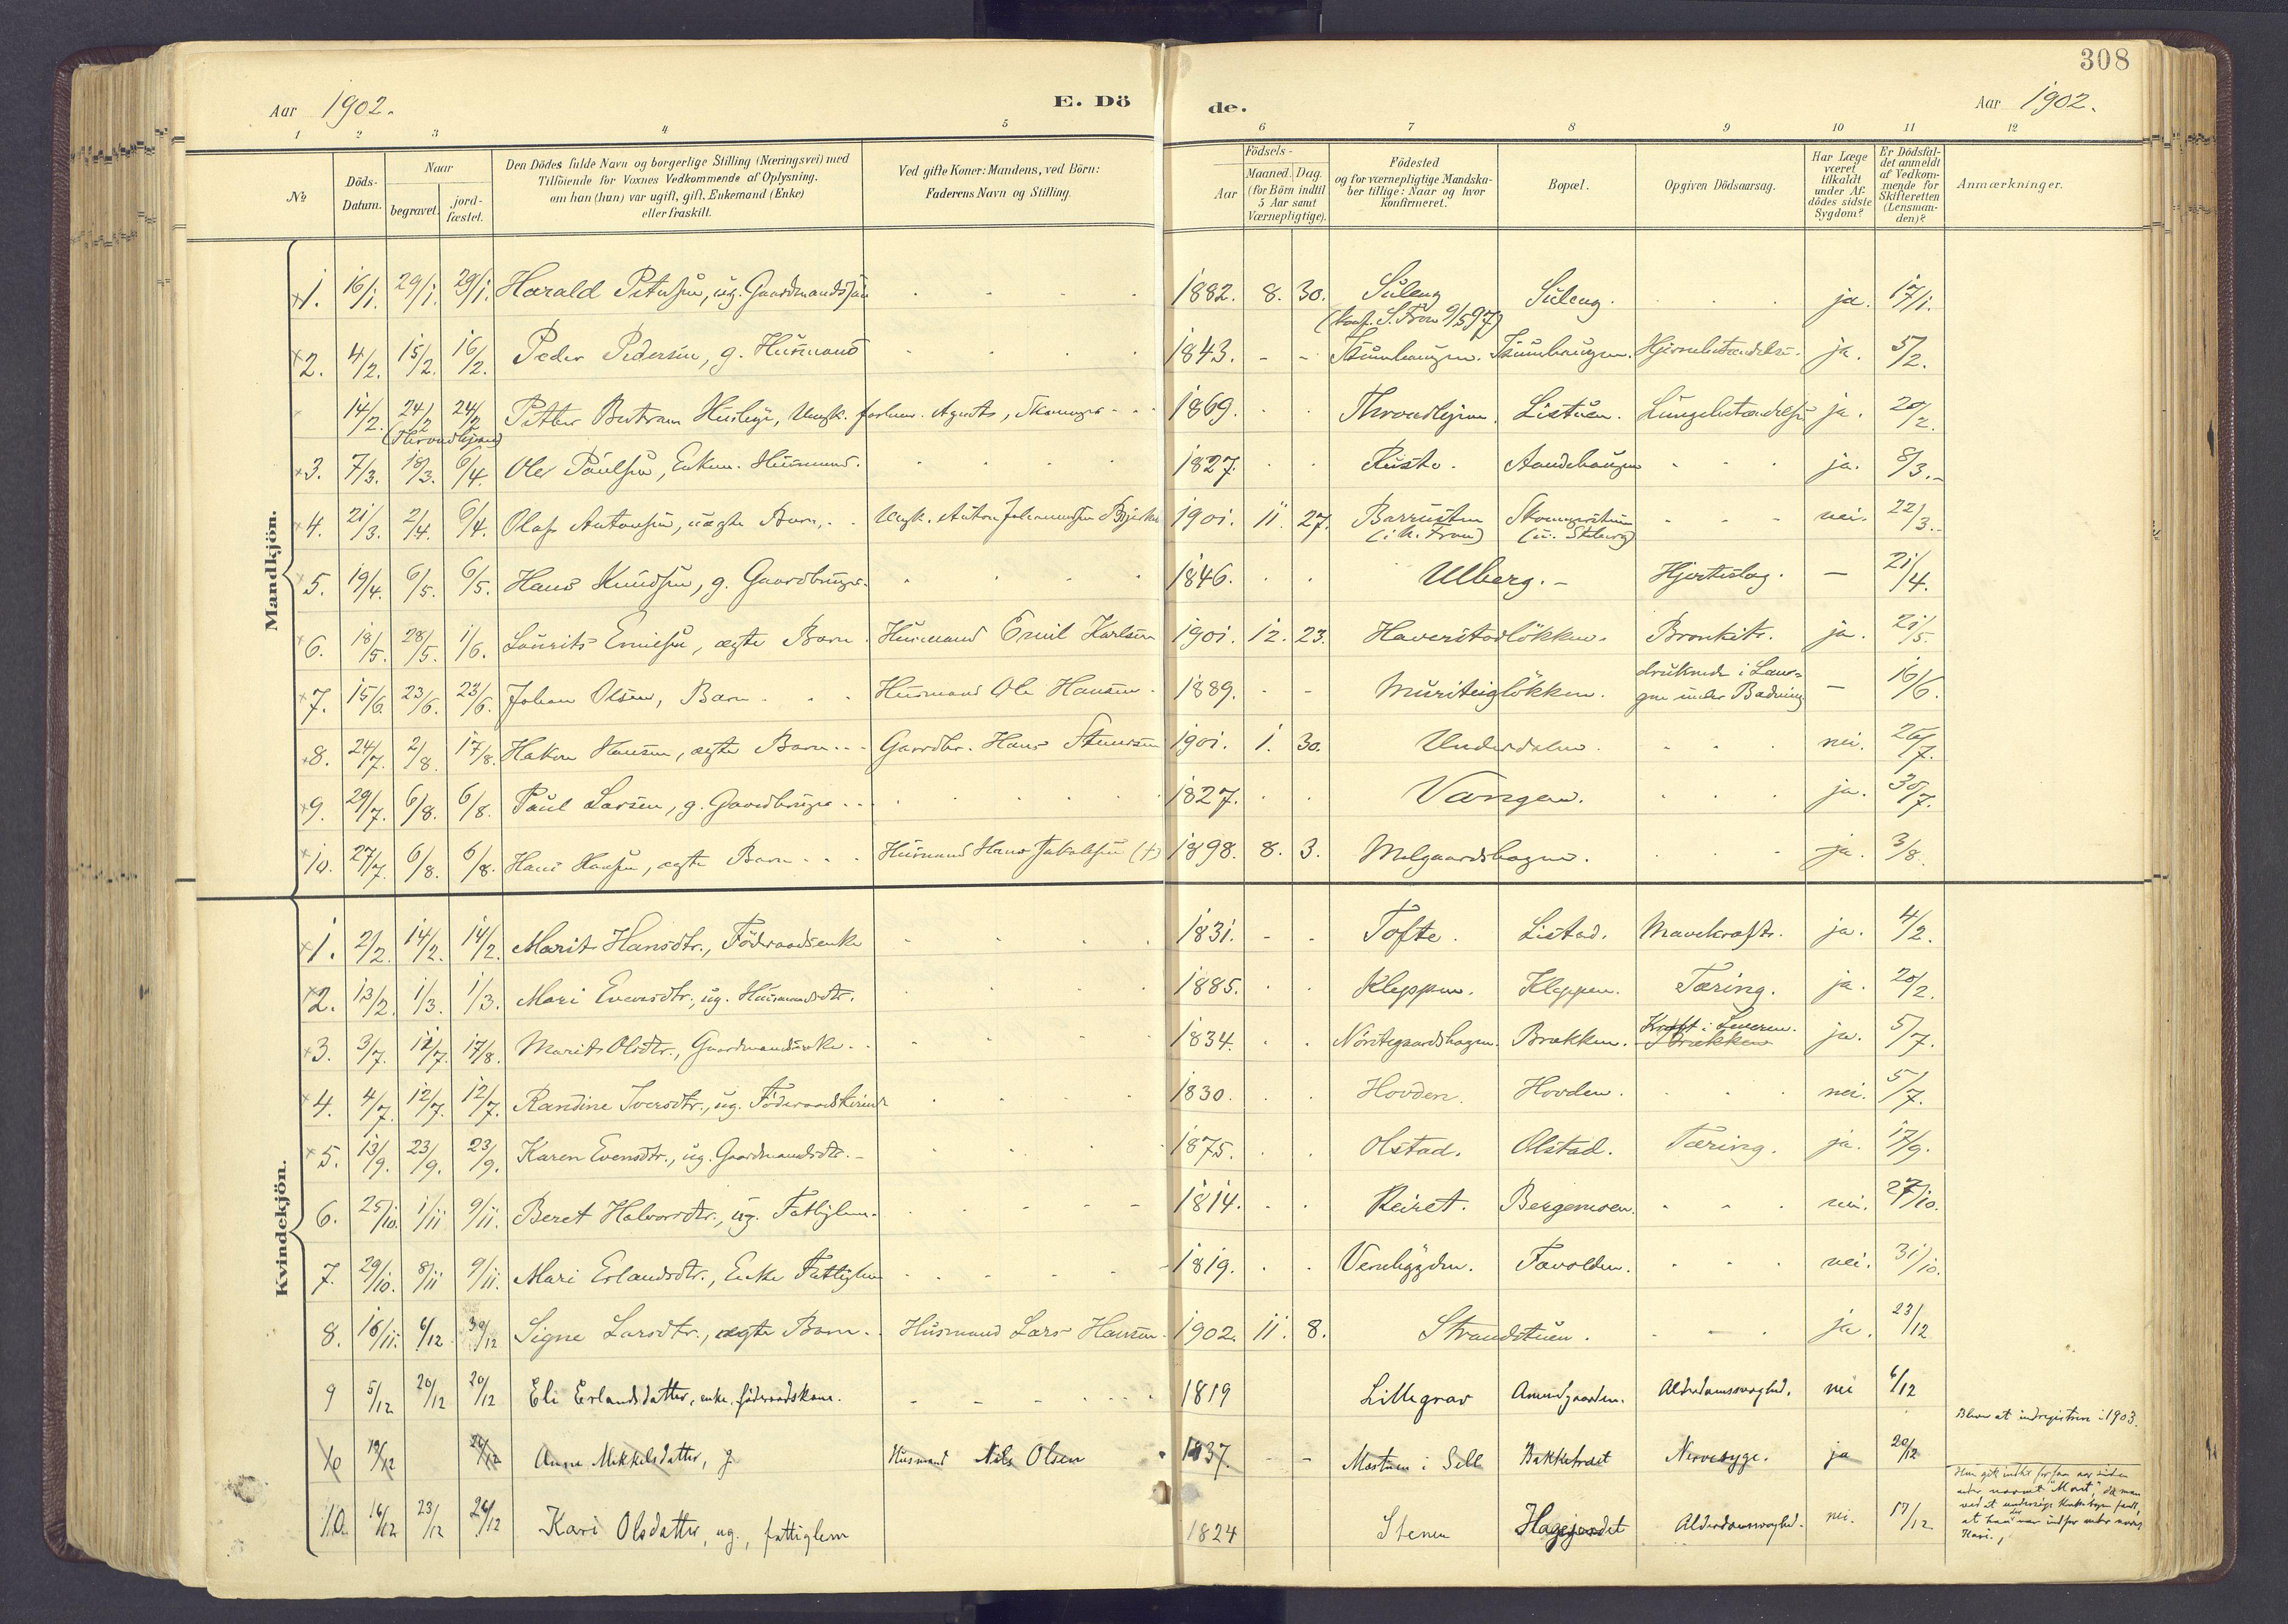 SAH, Sør-Fron prestekontor, H/Ha/Haa/L0004: Ministerialbok nr. 4, 1898-1919, s. 308